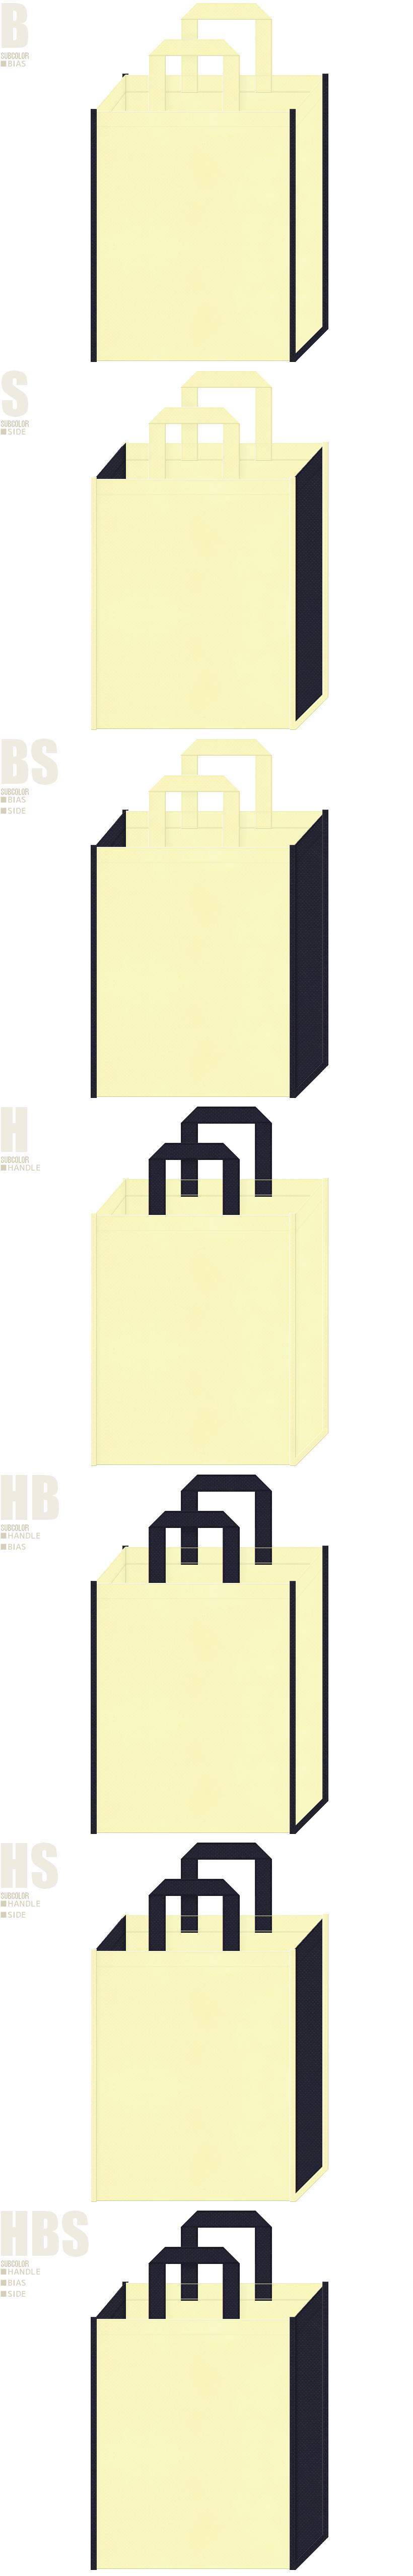 薄黄色と濃紺色、7パターンの不織布トートバッグ配色デザイン例。学校・オープンキャンパスにお奨めです。